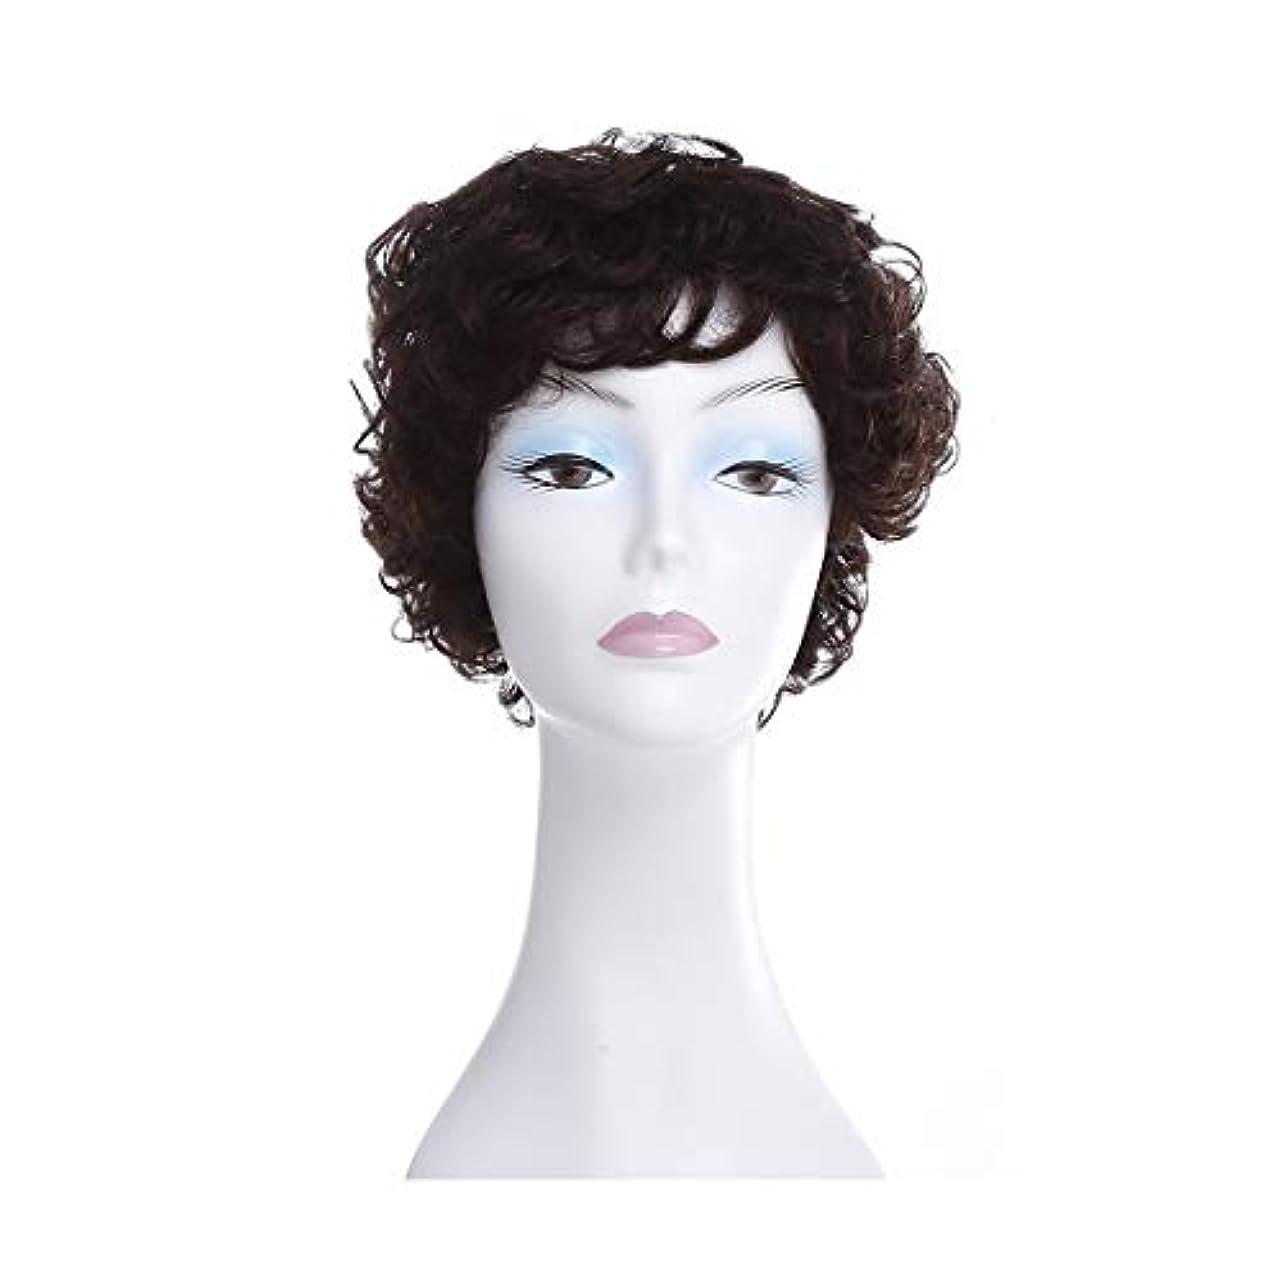 テンション有名閲覧するYOUQIU ふわふわショートカーリーヘアウィッグ中東や旧高齢女性ヘアスタイルのフルウィッグ帽子 (色 : Natural black)